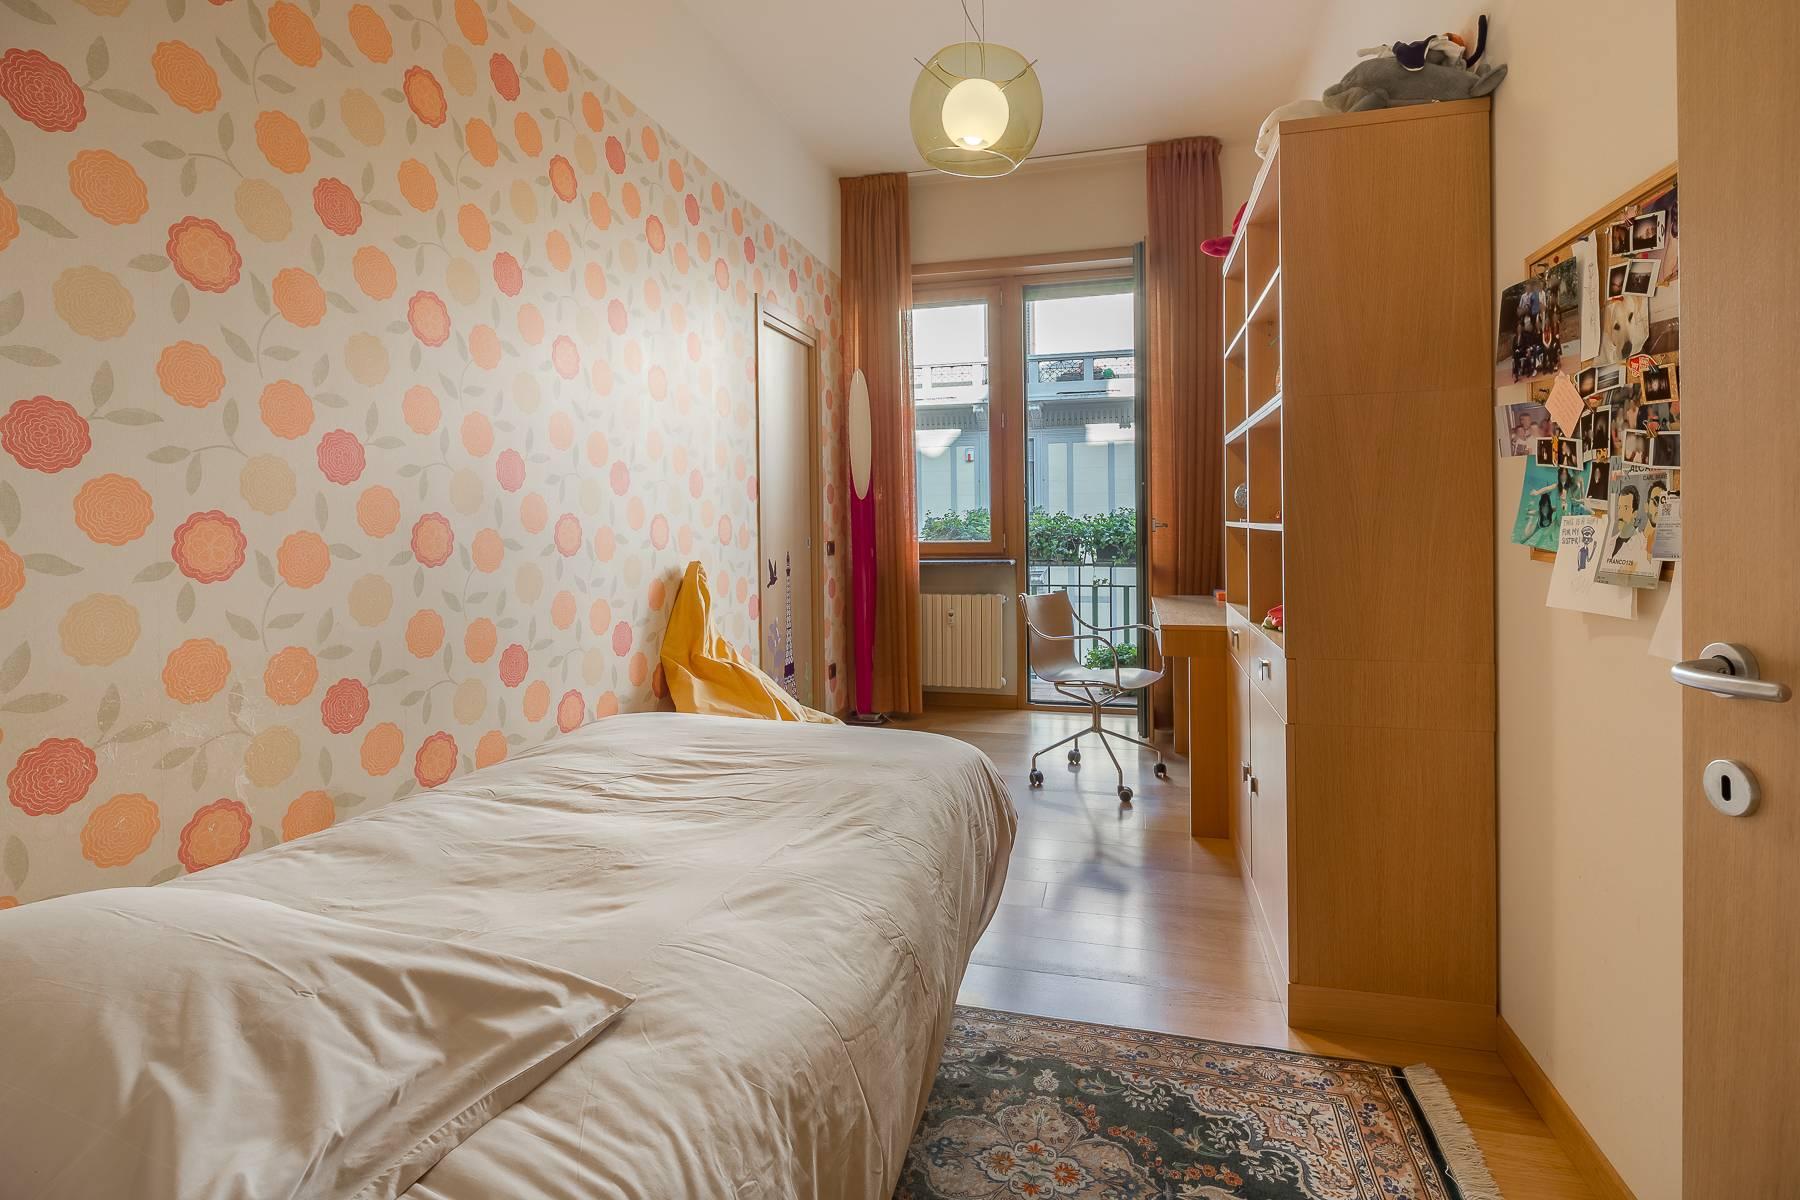 Appartement de style classique situé Via Besana - 22